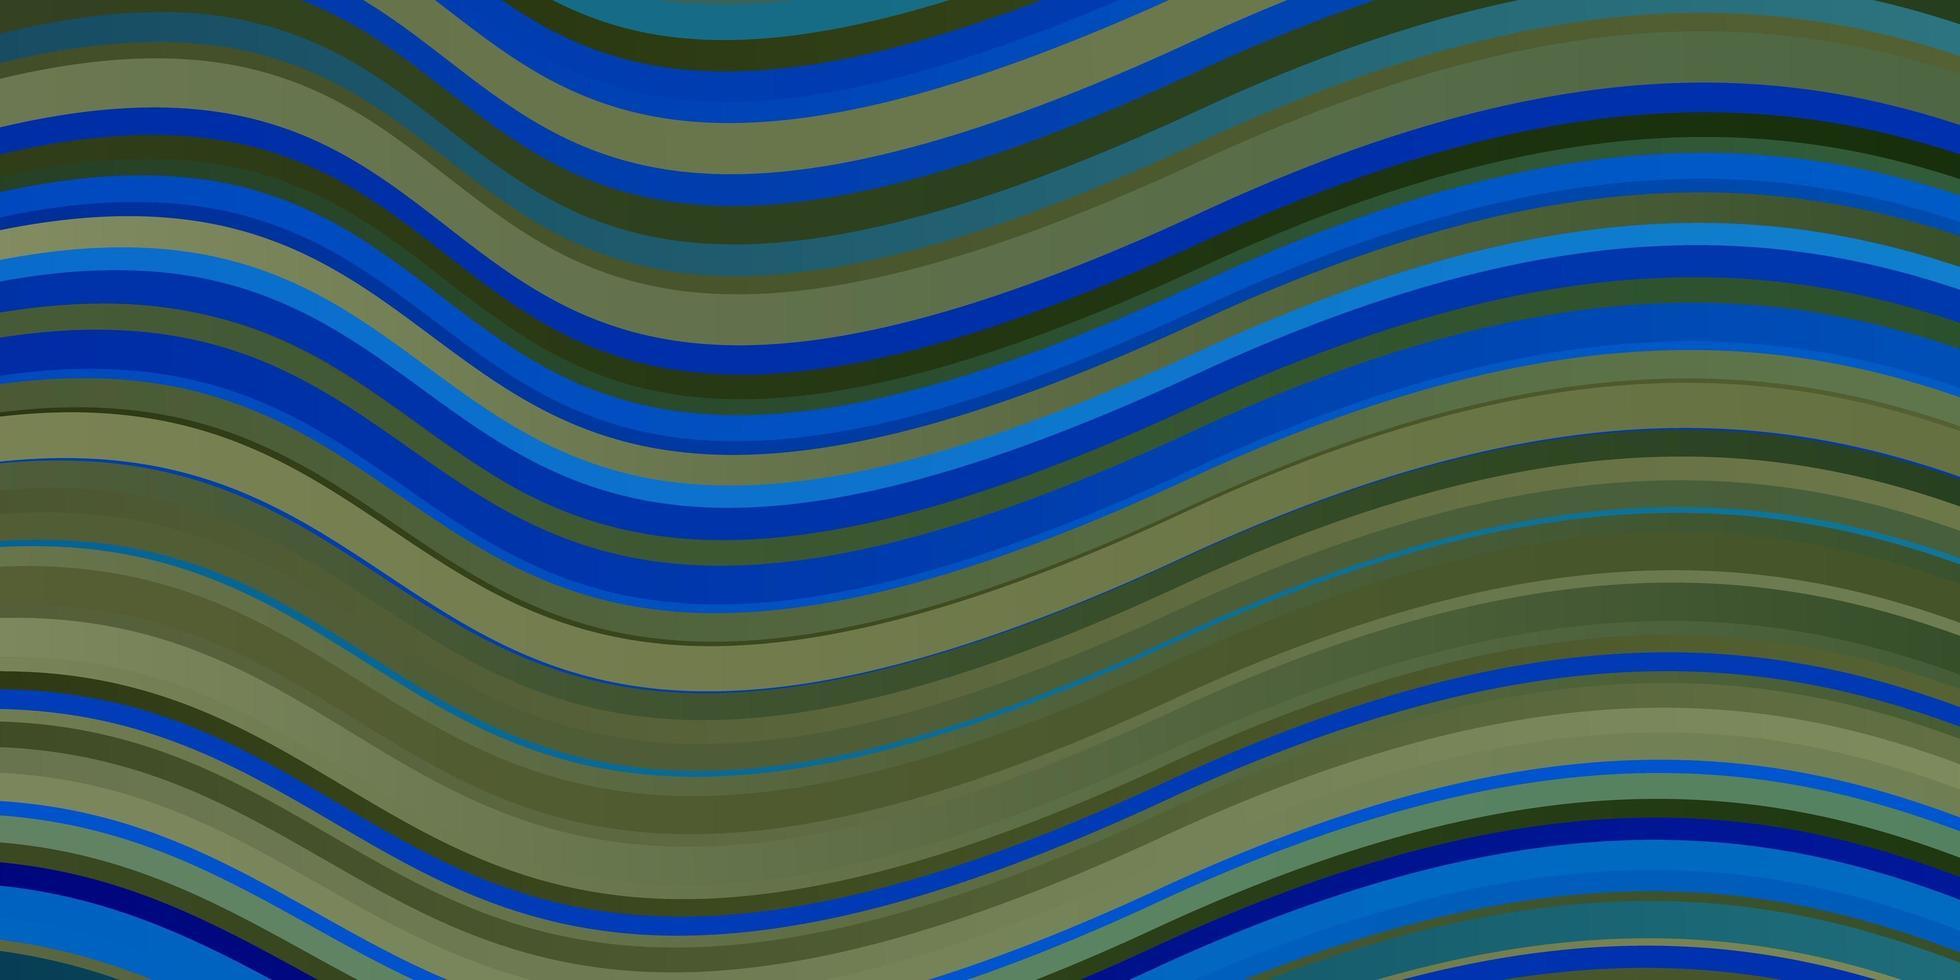 donkerblauwe achtergrond met wrange lijnen. vector